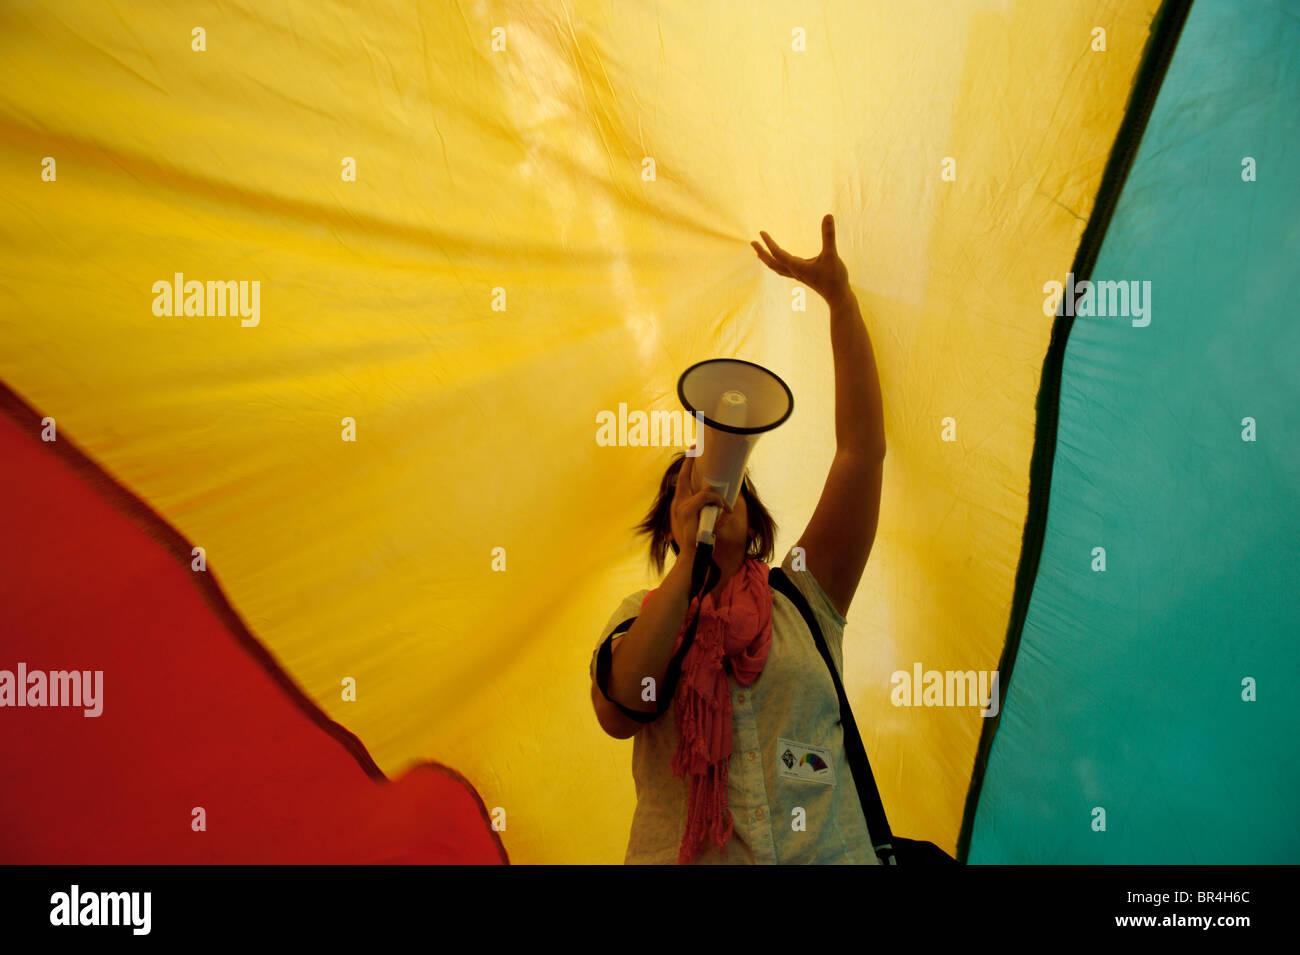 Demonstrant mit Megaphon unter rote, gelbe und grüne Flagge Stockbild